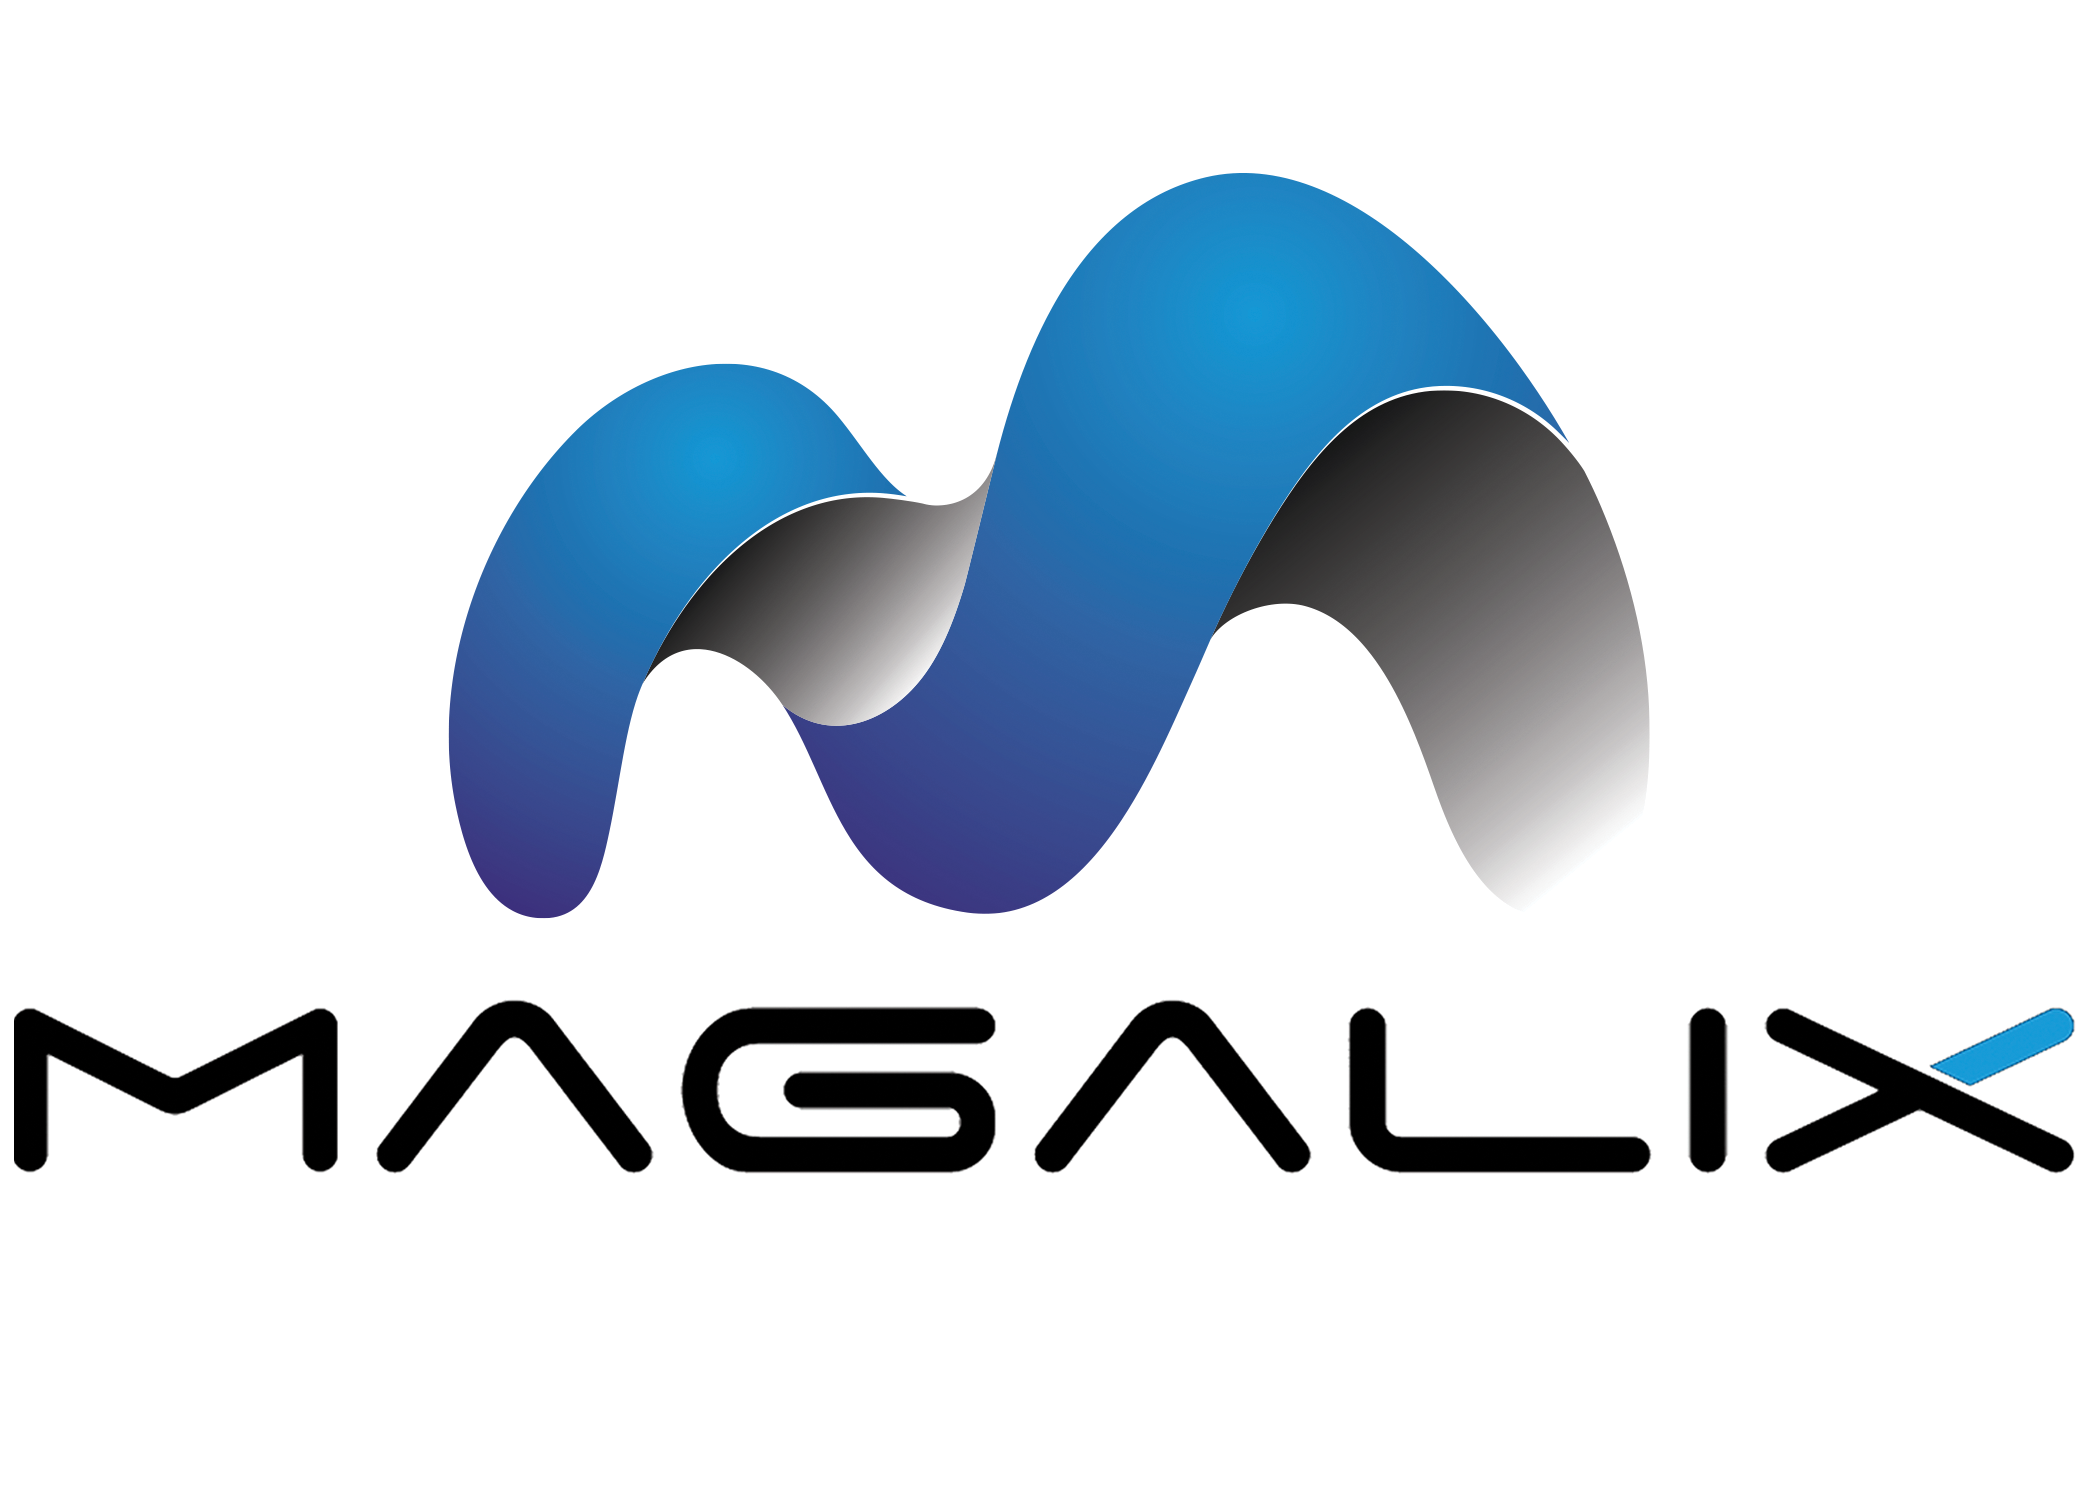 玛格利克斯标志